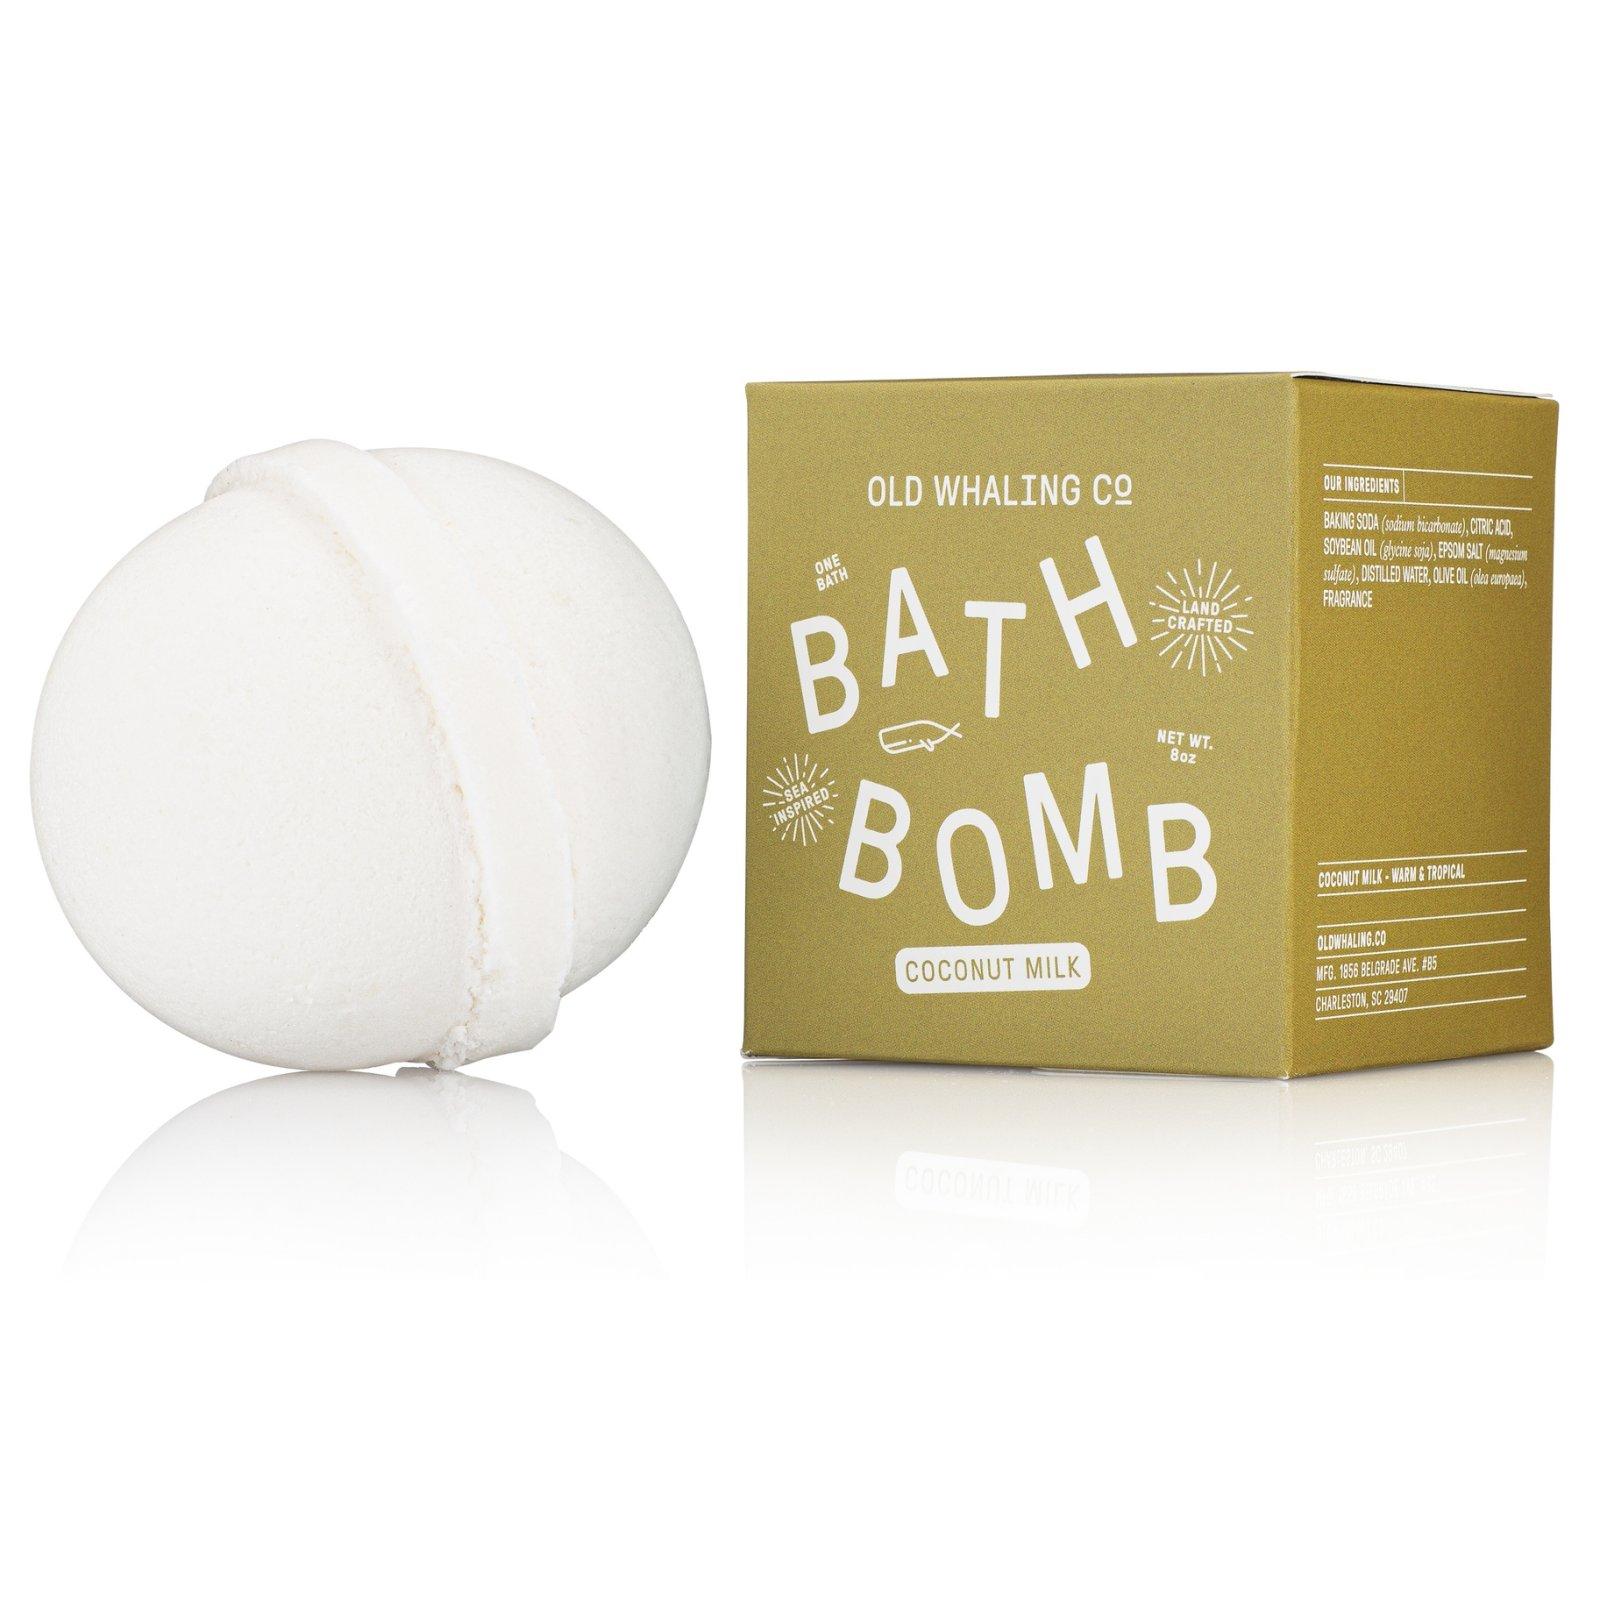 Bath Bomb Coconut Milk 8 oz